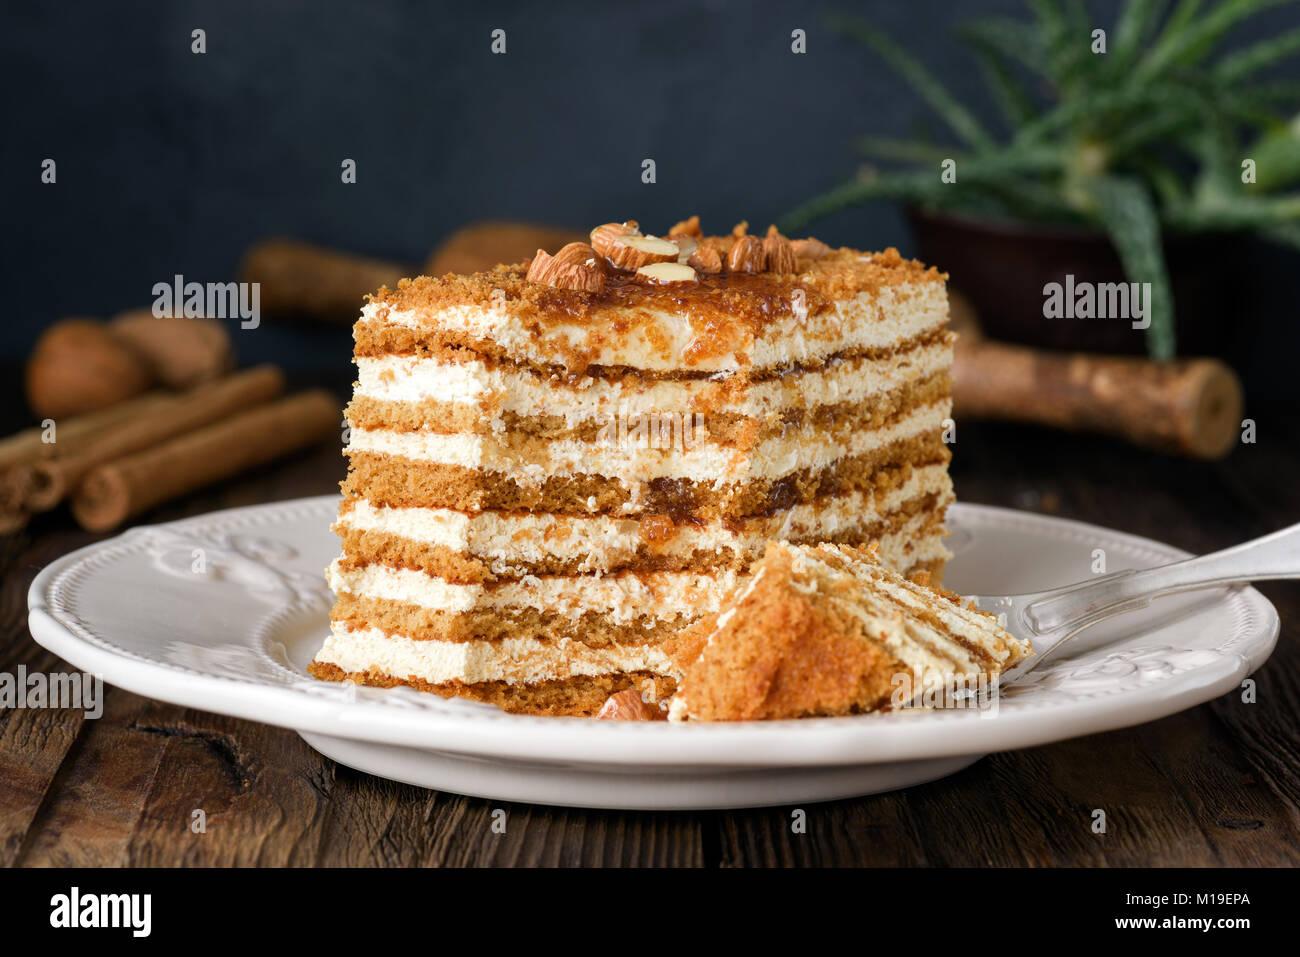 Gâteau au miel avec des amandes sur plaque blanche. Gâteau russe Medovik Photo Stock